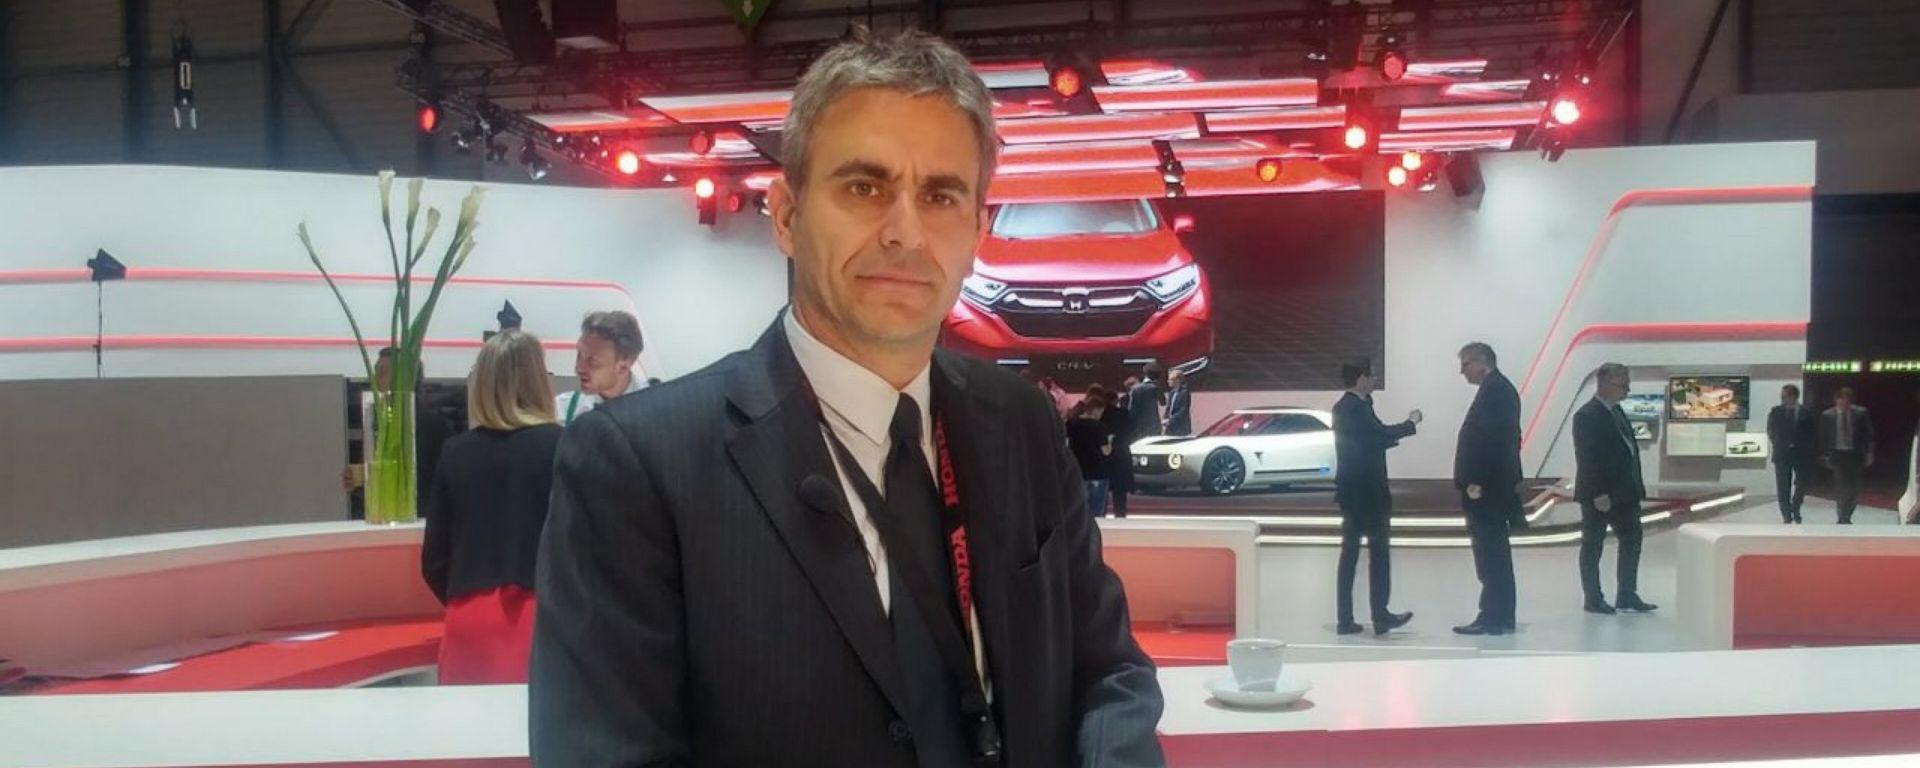 Vincenzo Picardi, Responsabile Ufficio Stampa e Relazioni Esterne Honda Italia